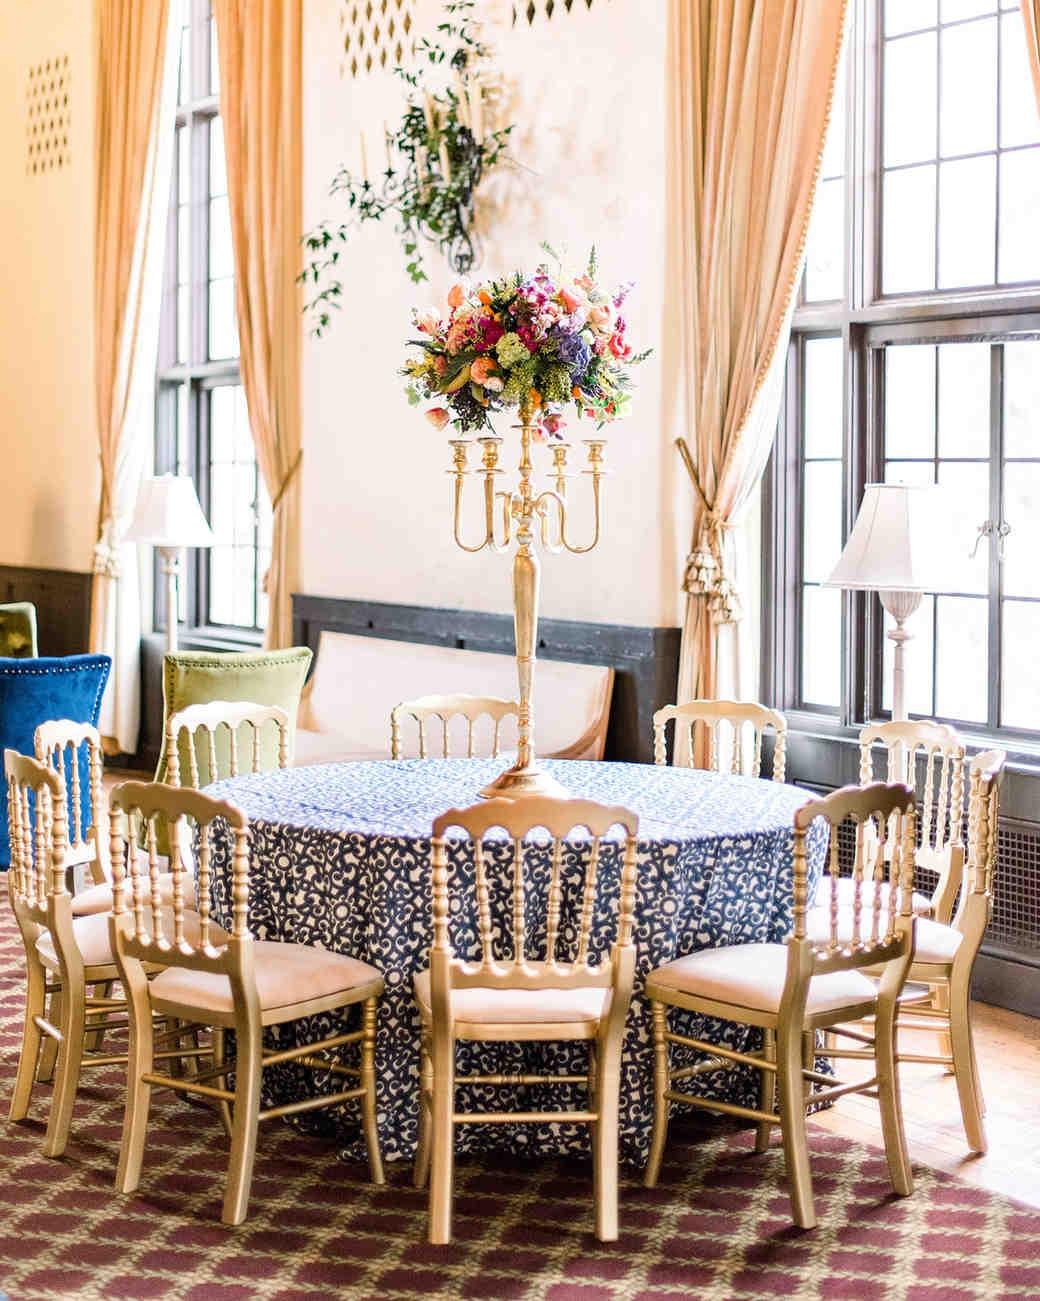 johanna erik wedding reception tables